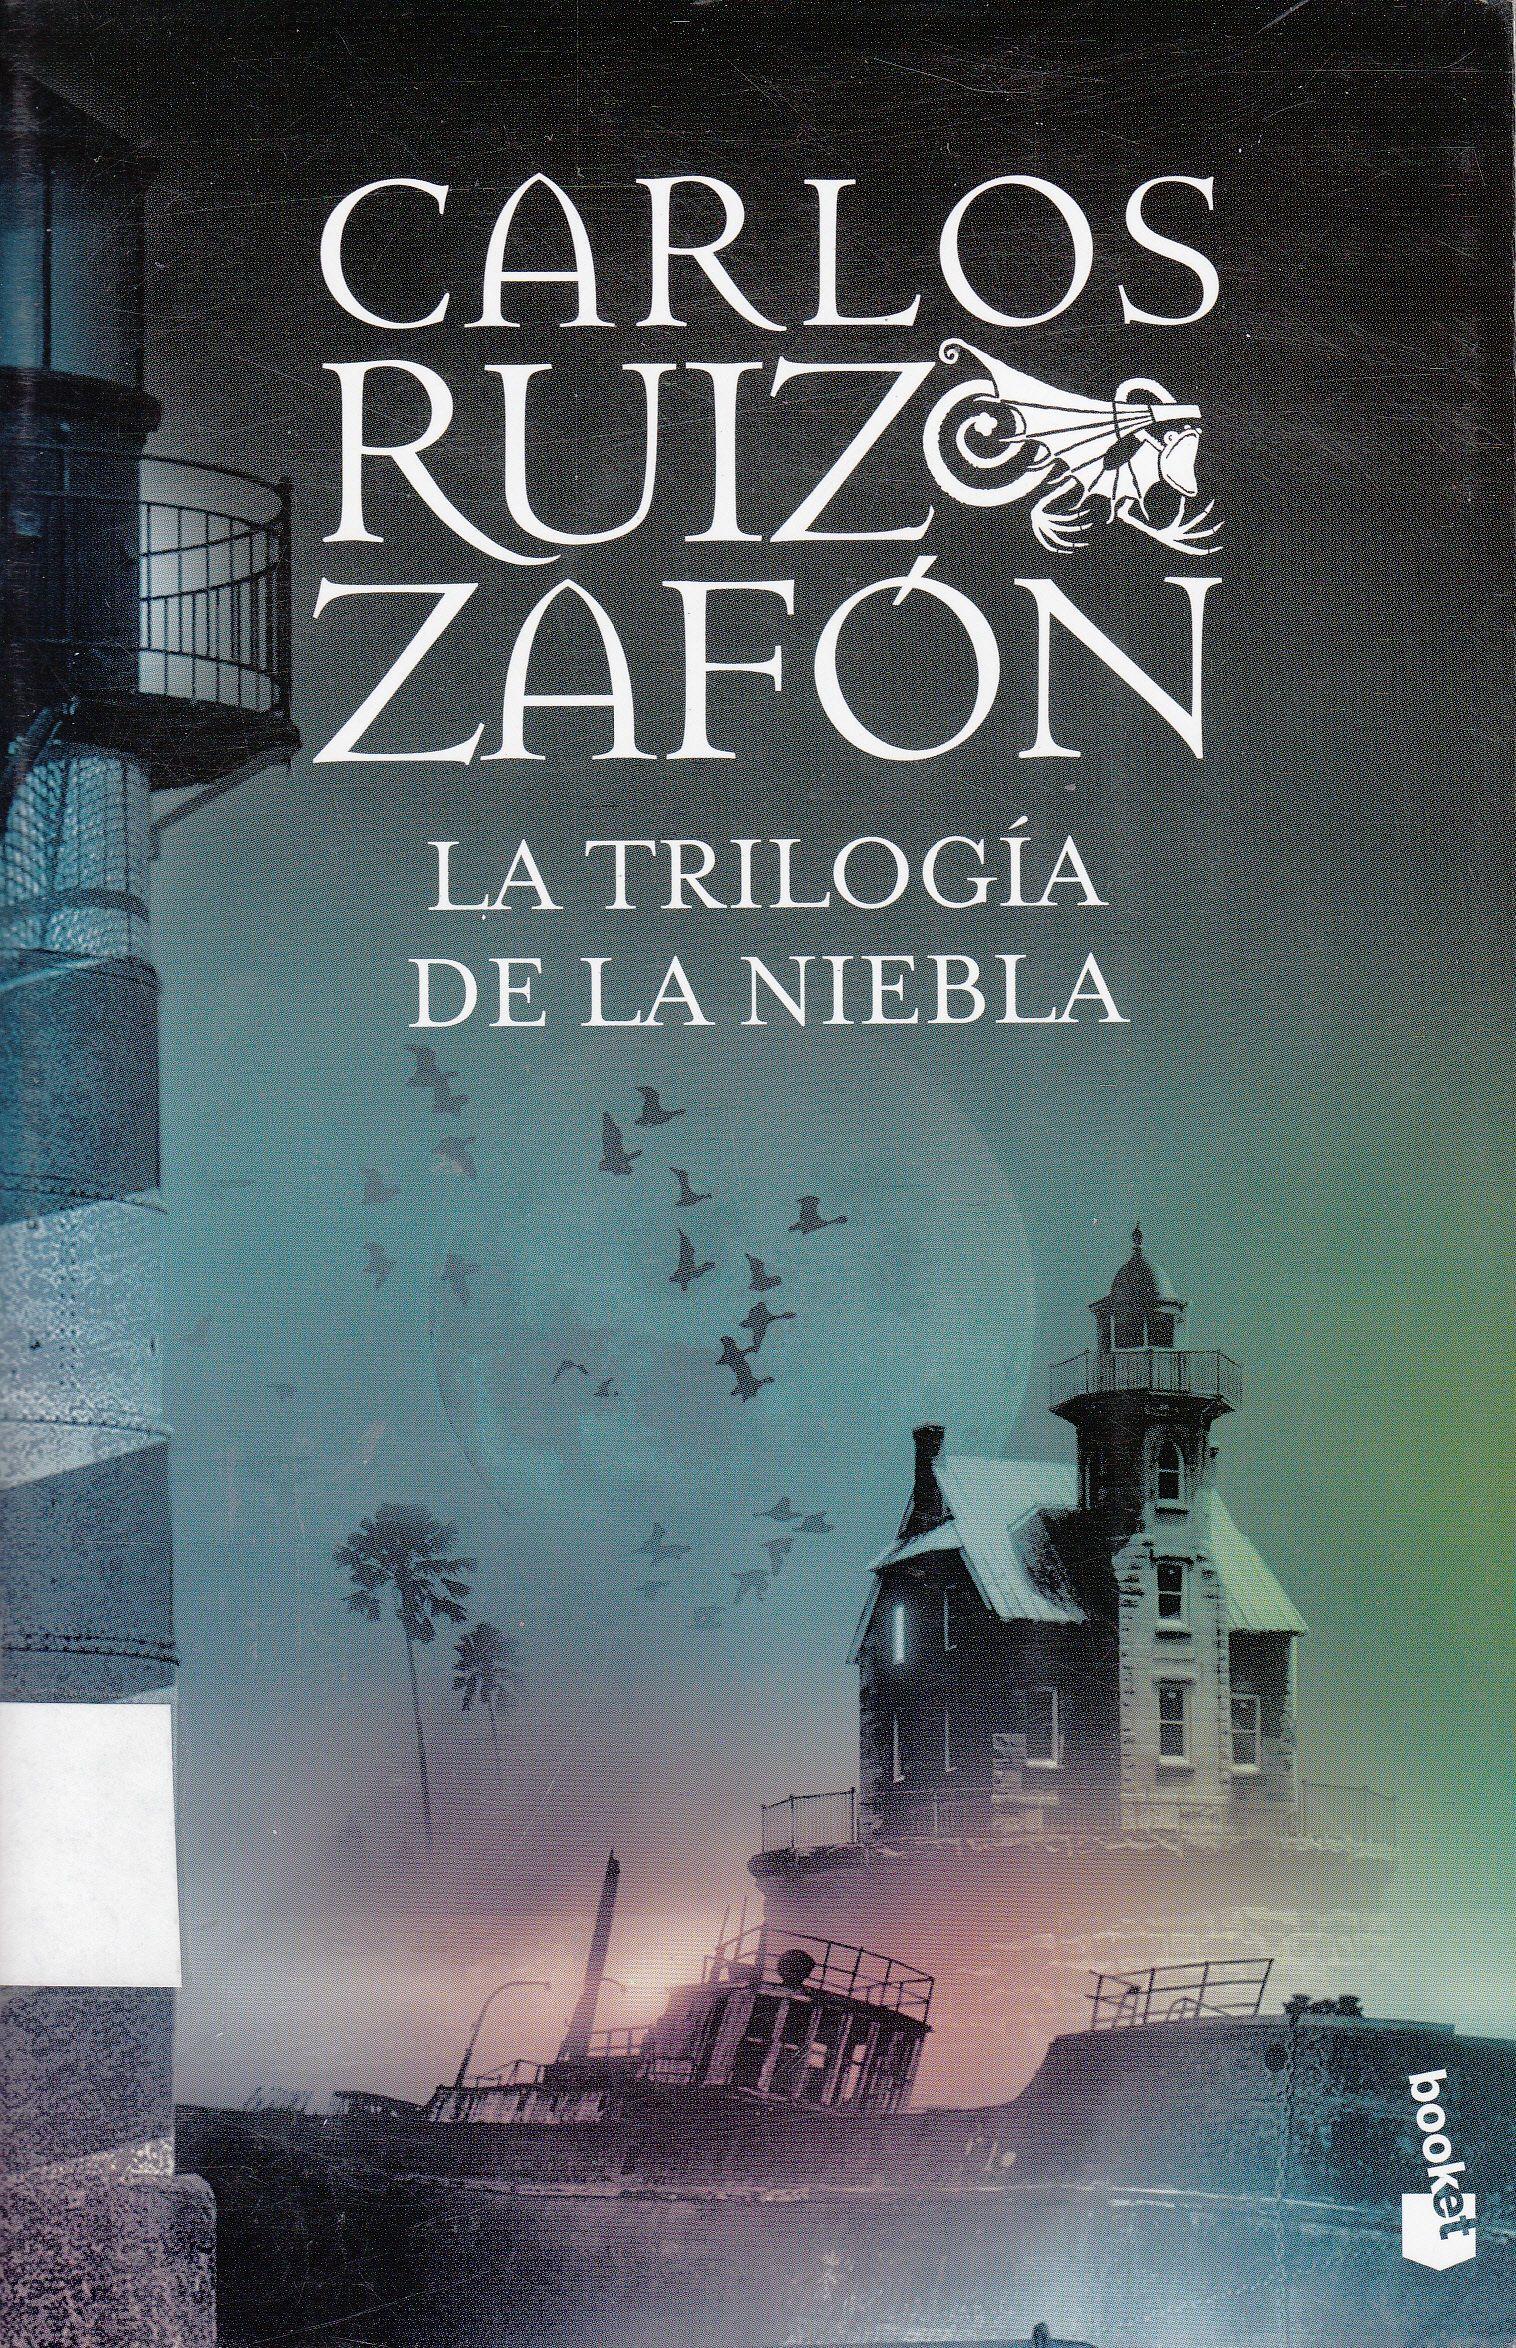 La Trilogía De La Niebla Carlos Ruíz Zafón Bajar Libros Gratis Descargar Libros En Pdf Libros Gratis